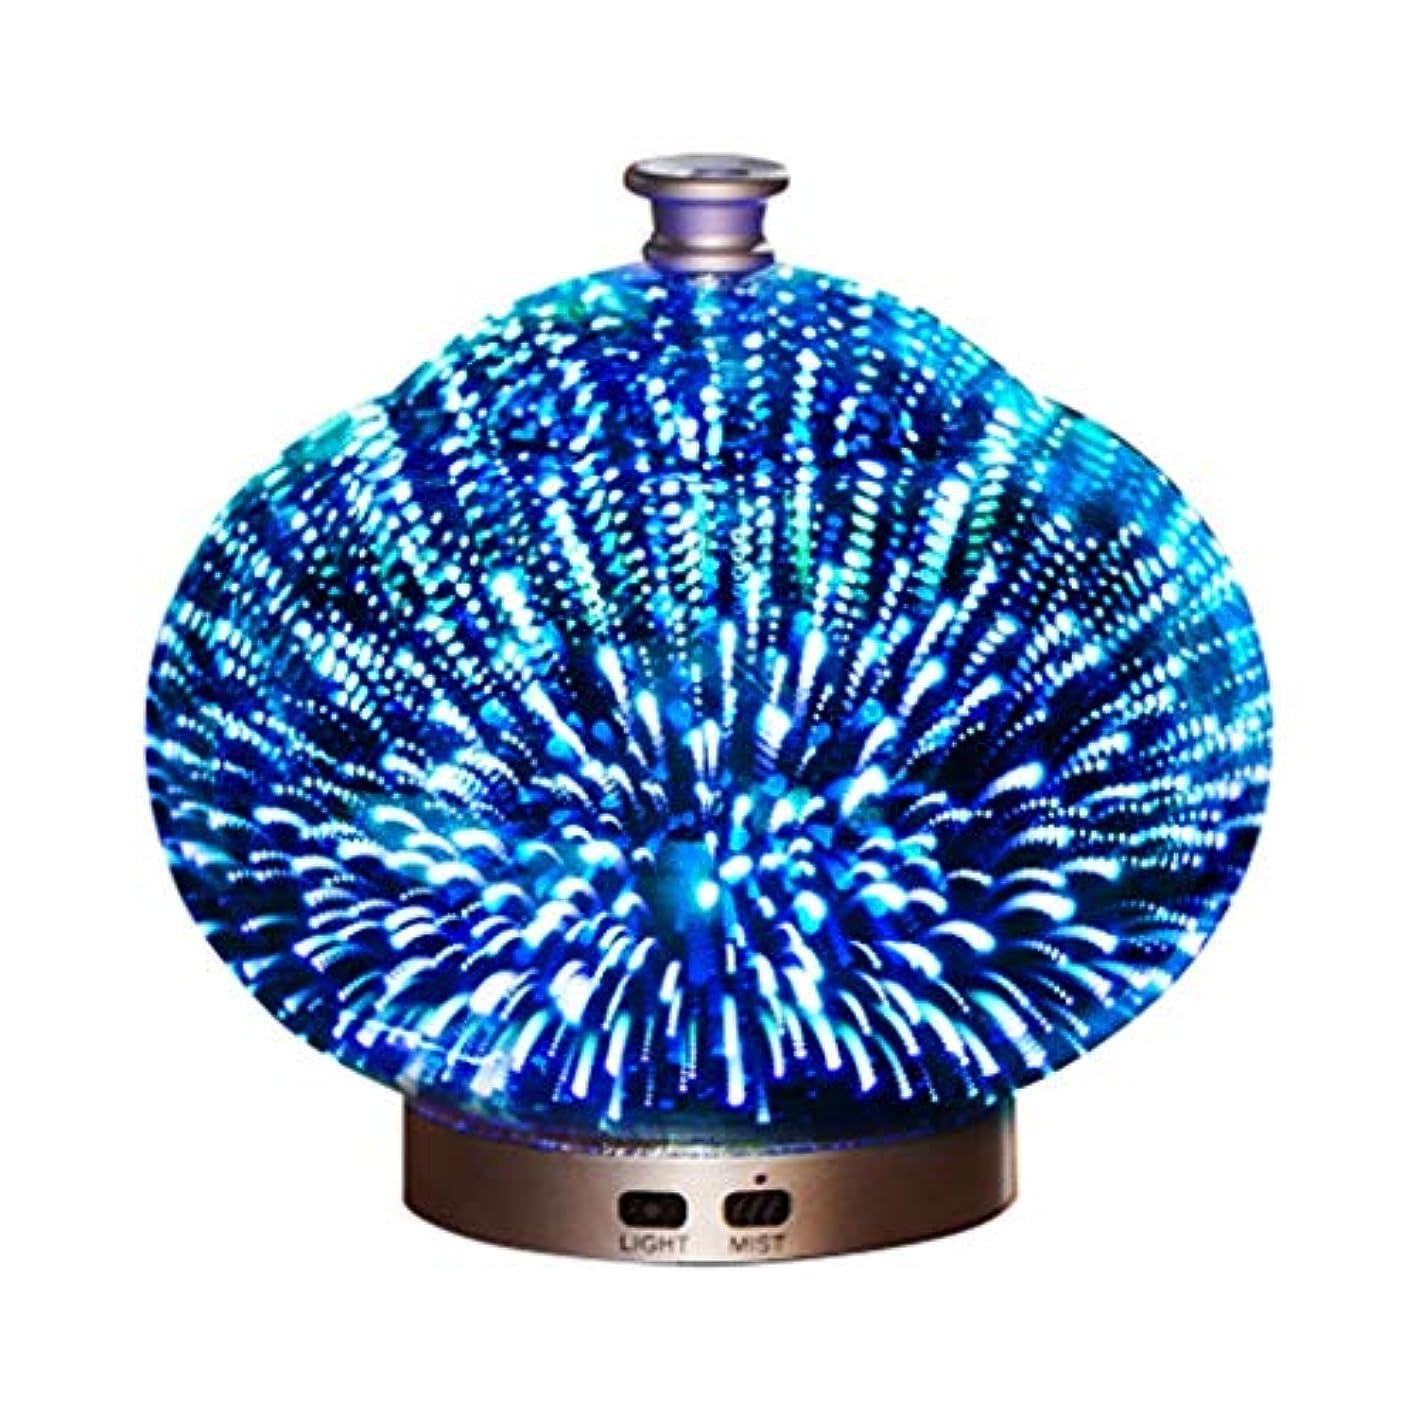 申請者学士厳3Dガラス100ミリリットルギャラクシープレミアム超音波加湿器で素晴らしいledライト付き、自宅用ヨガオフィススパ寝室ベビールーム (Color : Brass)